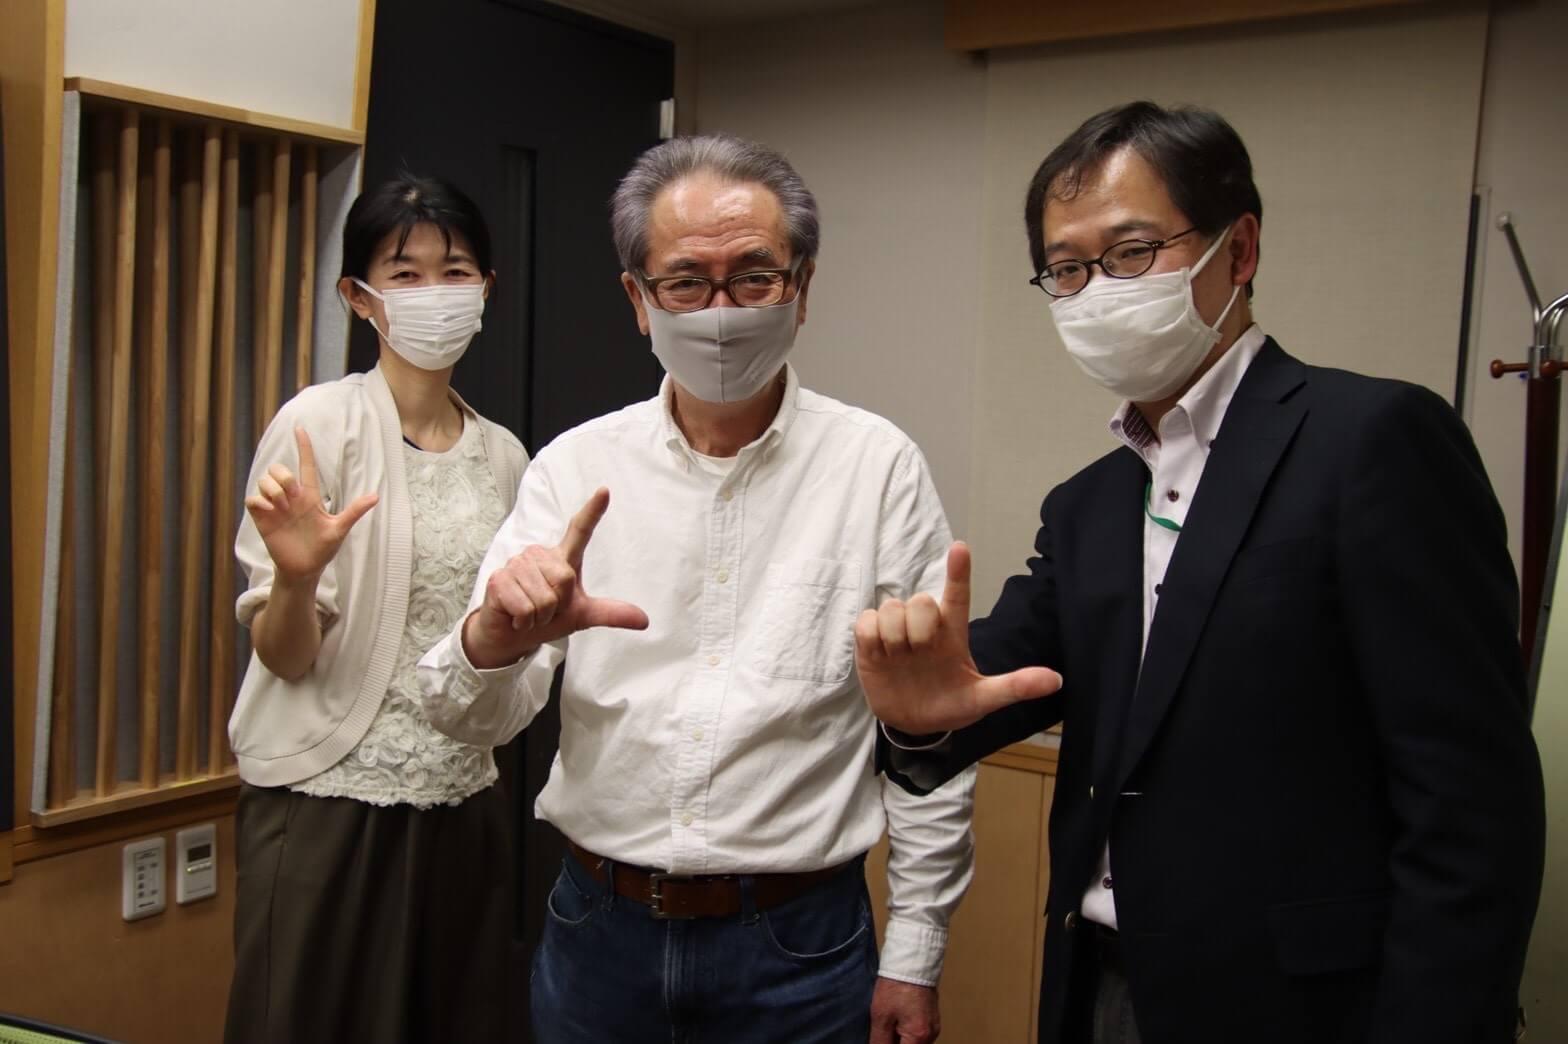 『スポーツ居酒屋 獅子』(4月1日)中川充四郎さんがご来店!